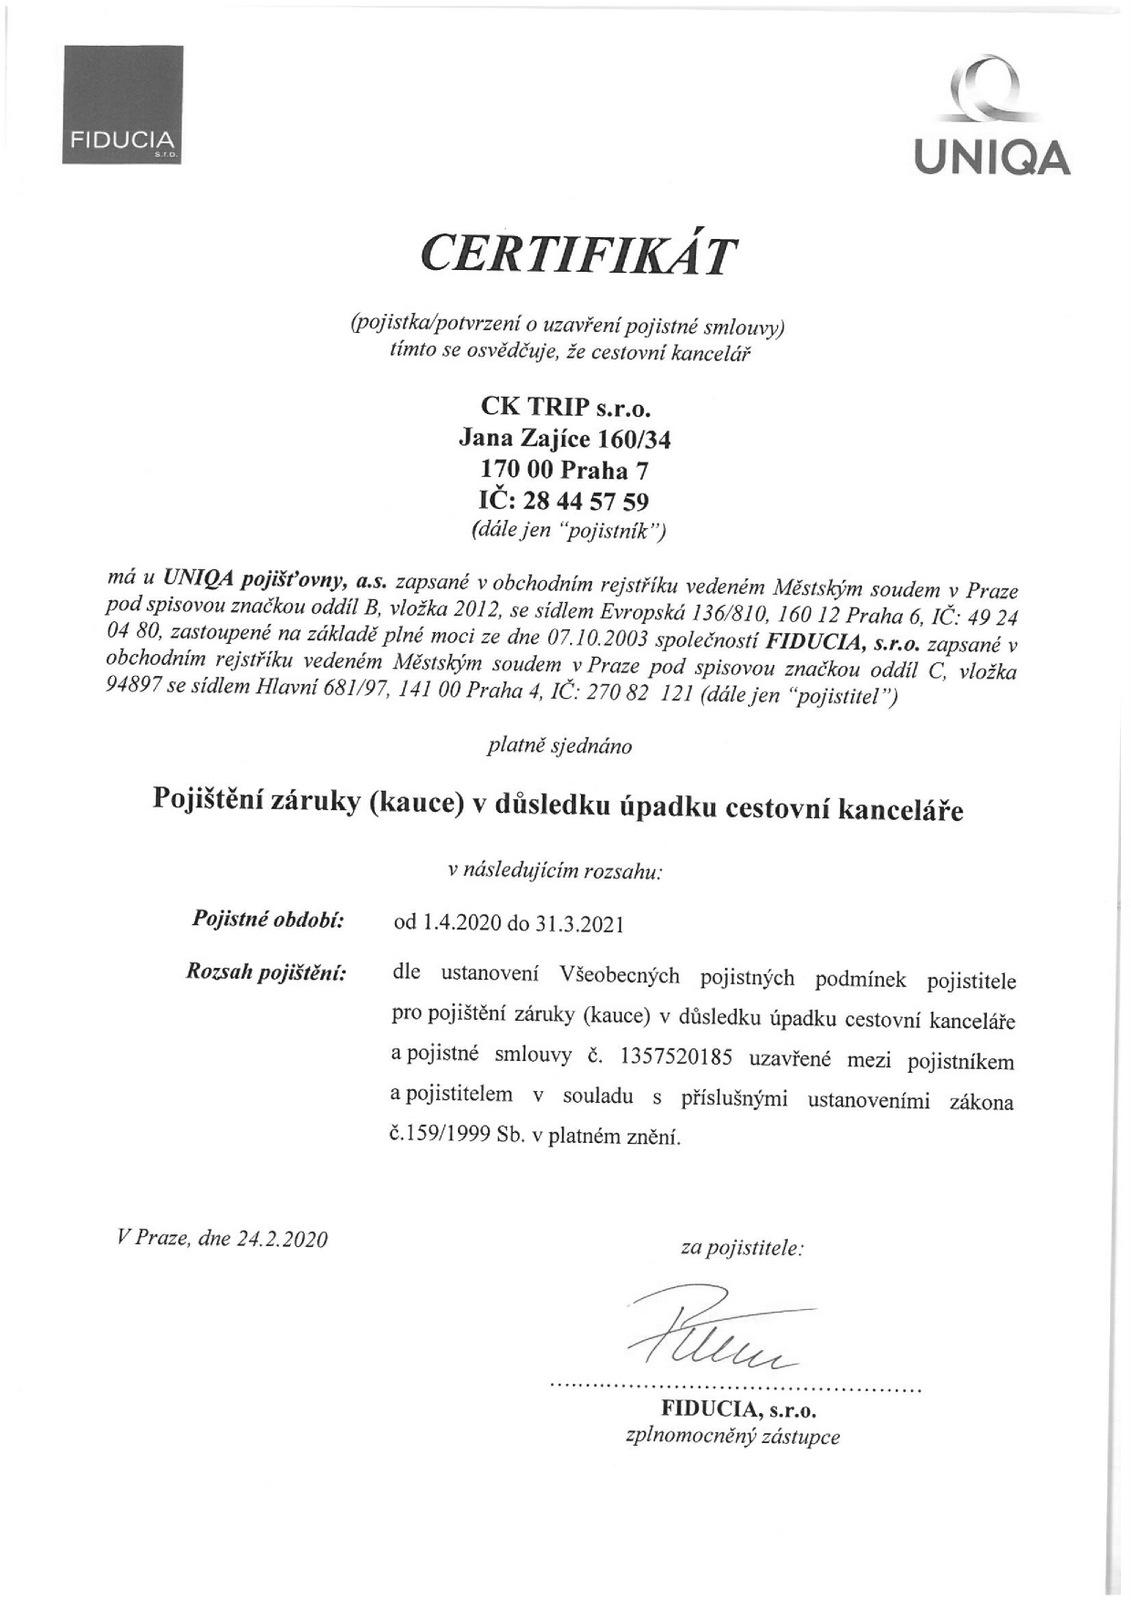 CK TRIP / Certifikat-upadek